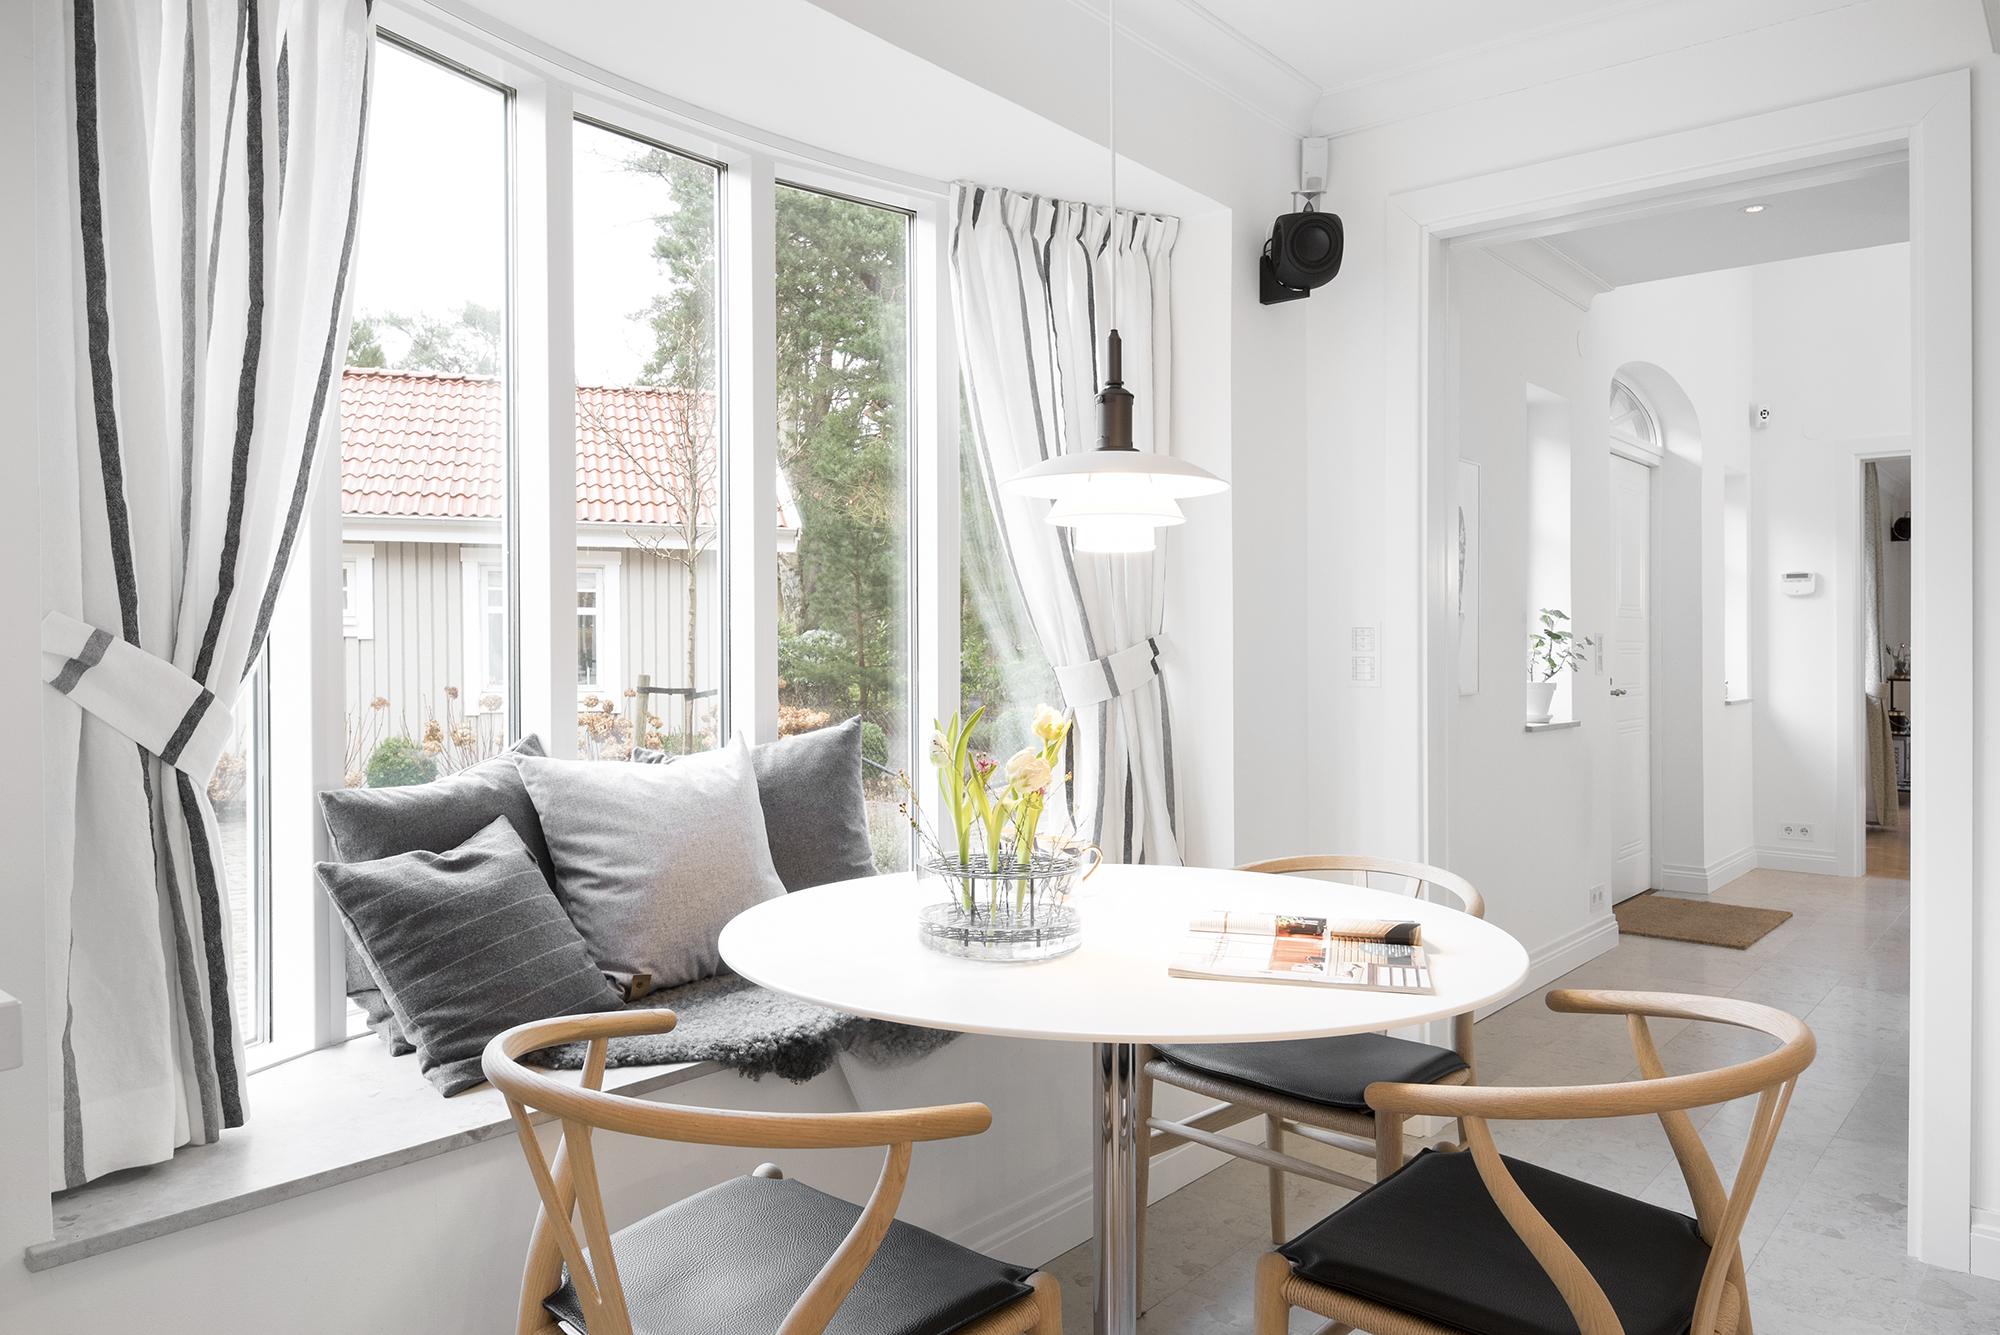 foto på stolar och bord i ett ljust kök samt bänk med kuddar